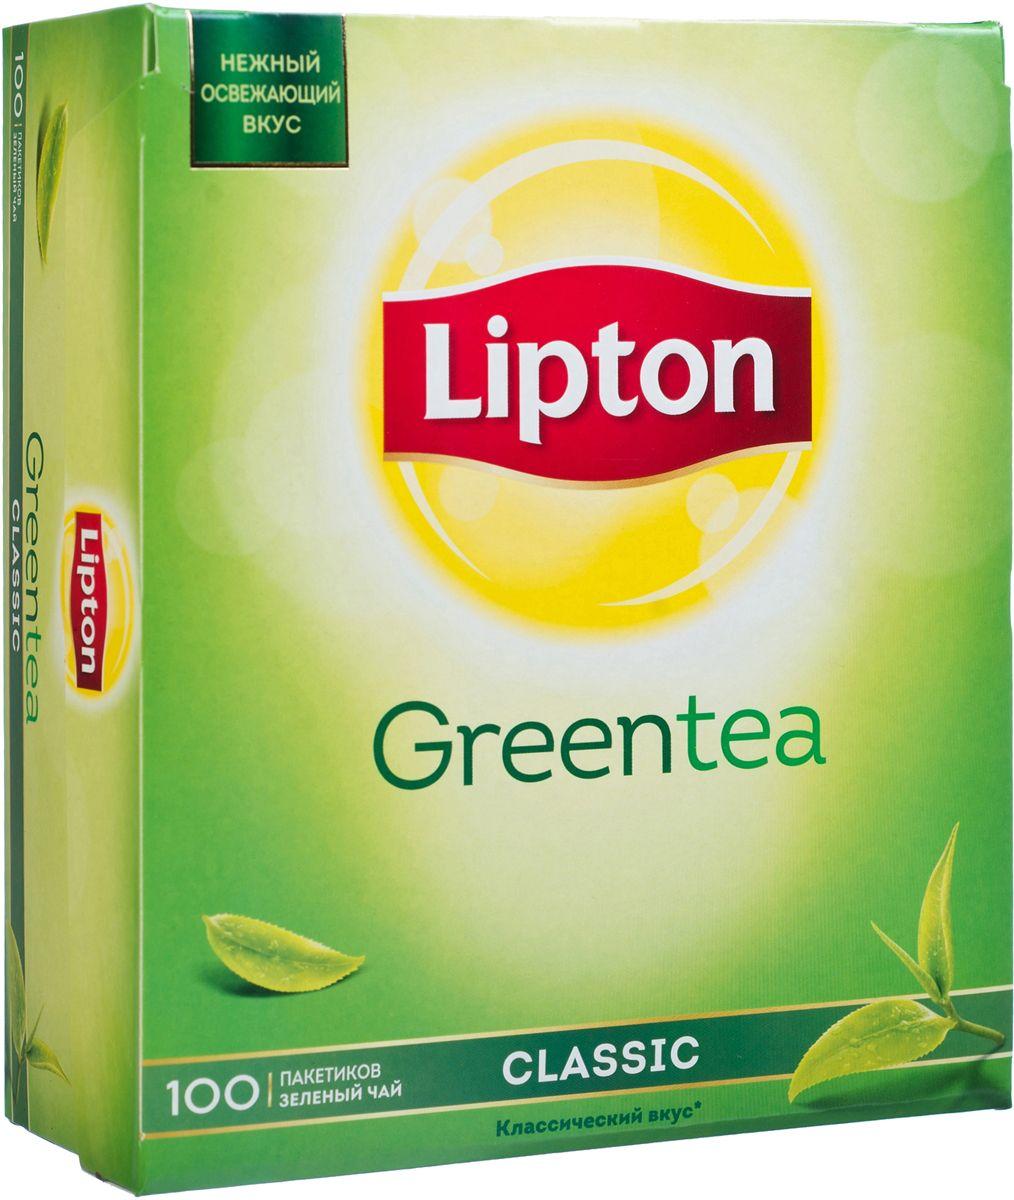 Lipton Зеленый чай Classic 100 шт0120710Нежный и освежающий вкус классического зеленого чая Lipton Green Classic наполняет уравновешенностью и проясняет взгляд на окружающий мир. Молодые чайные листочки, выращенные под теплыми лучами солнца, дарят зеленому чаю Lipton нежный вкус и легкий изысканный аромат, чтобы вы могли насладиться любимым чаем.